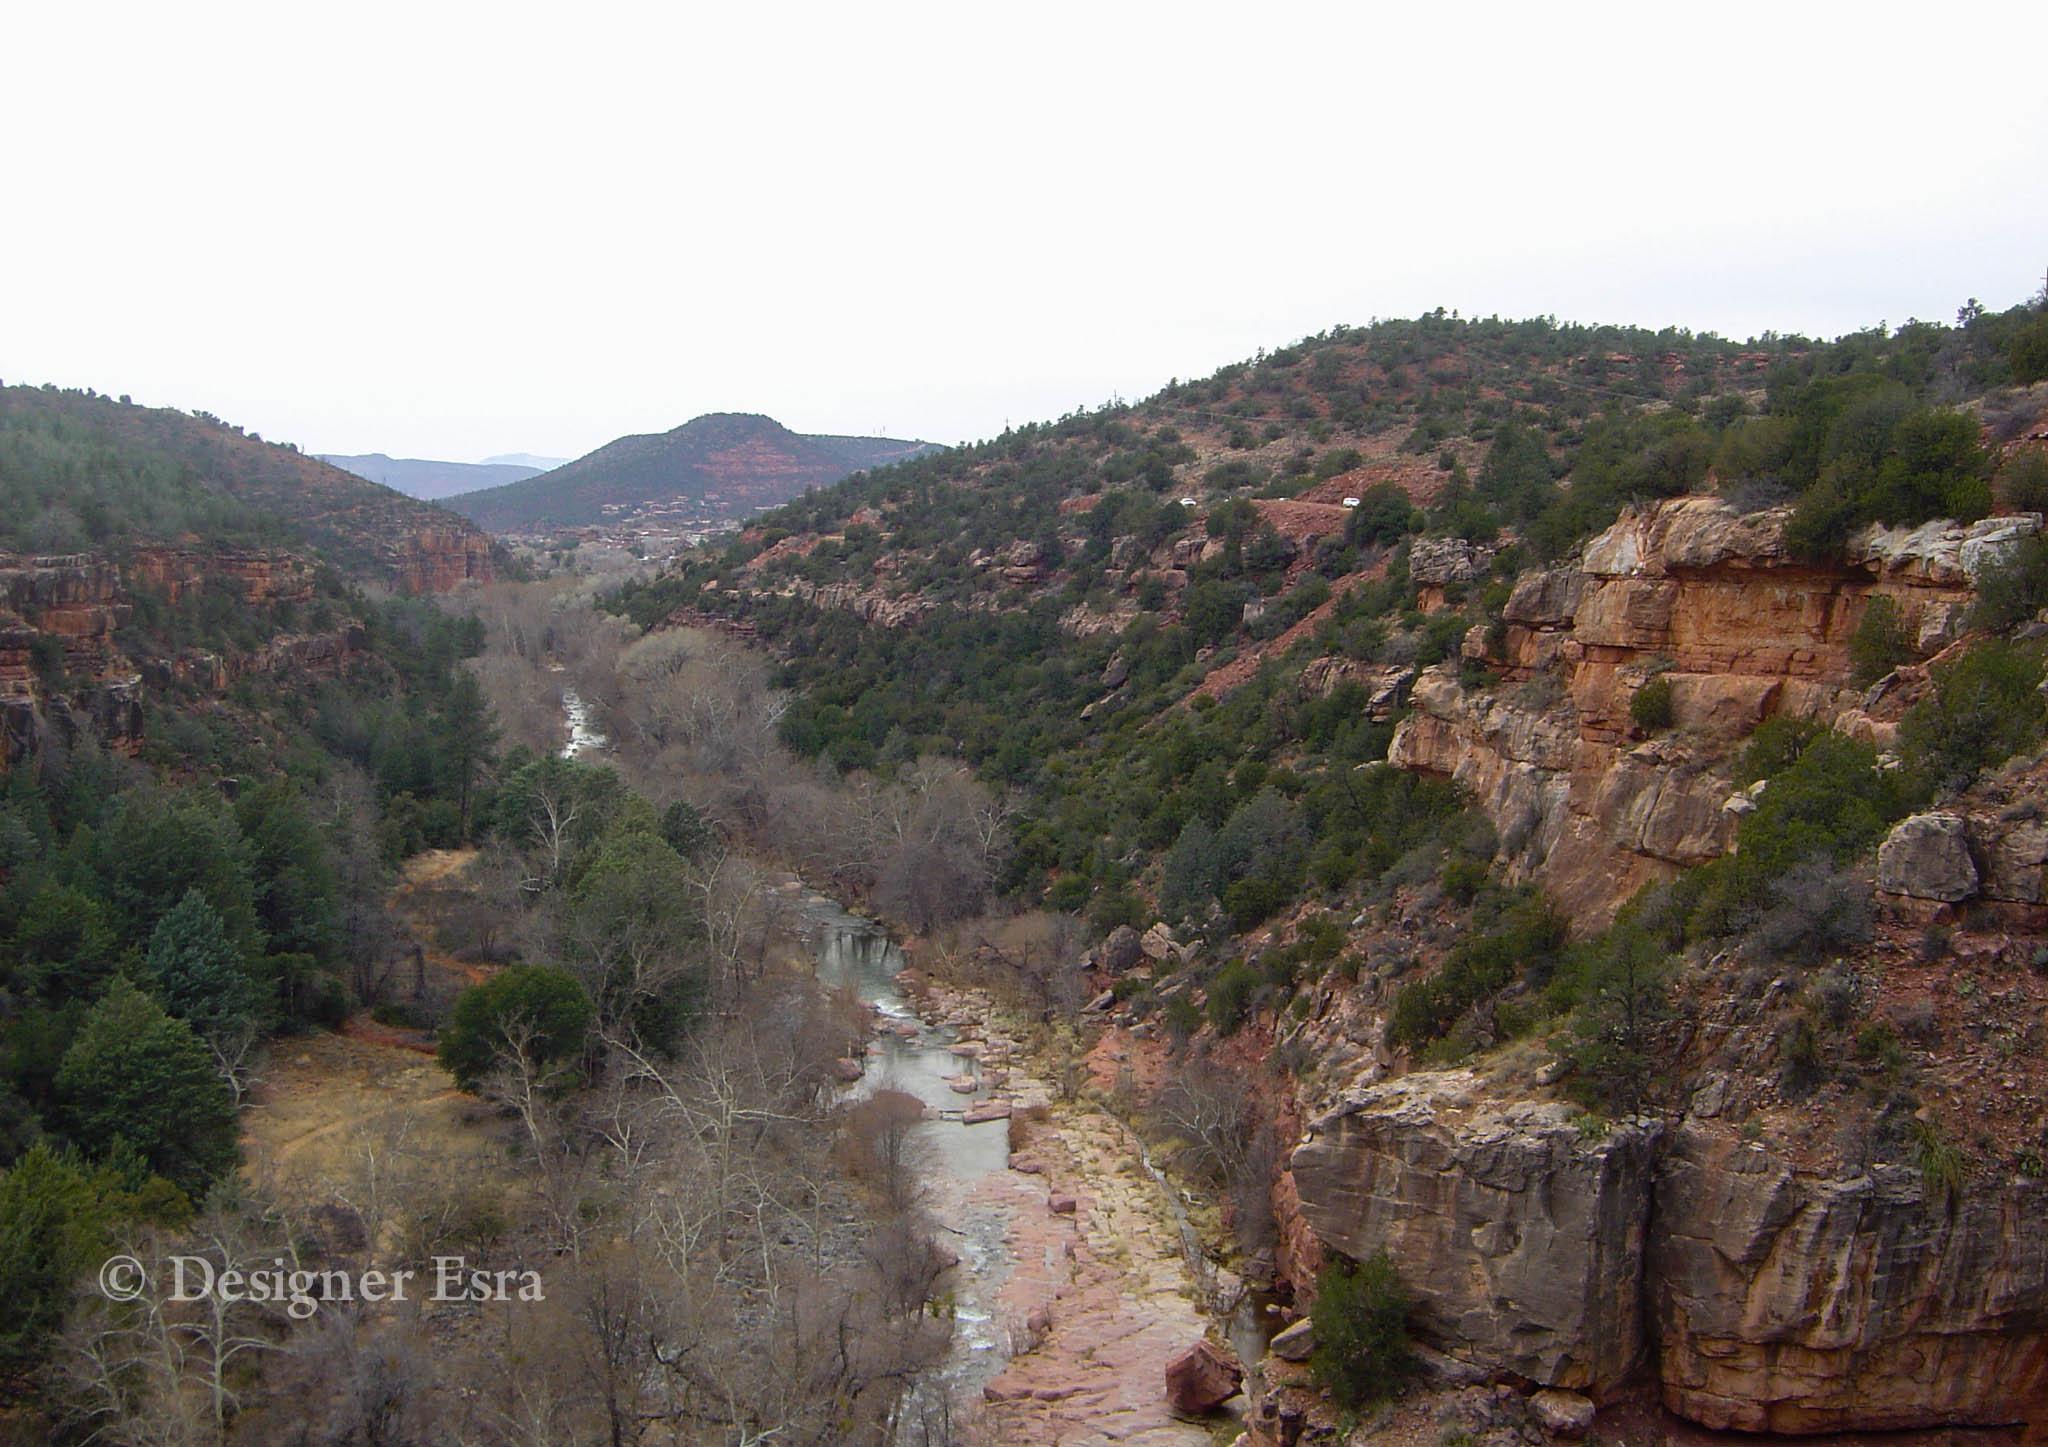 River in Arizona